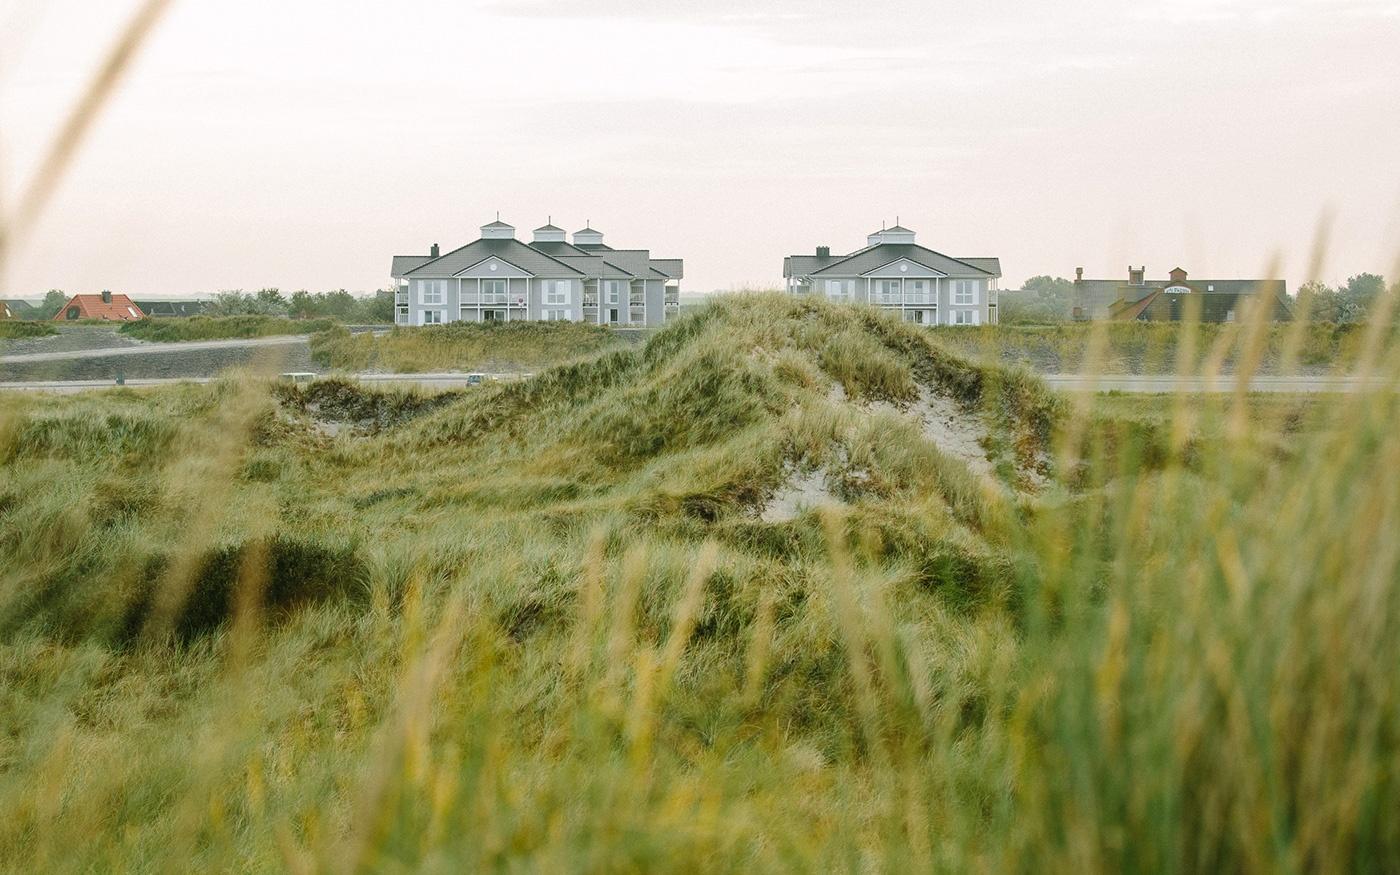 SuitePad Ferienhotels am Meer